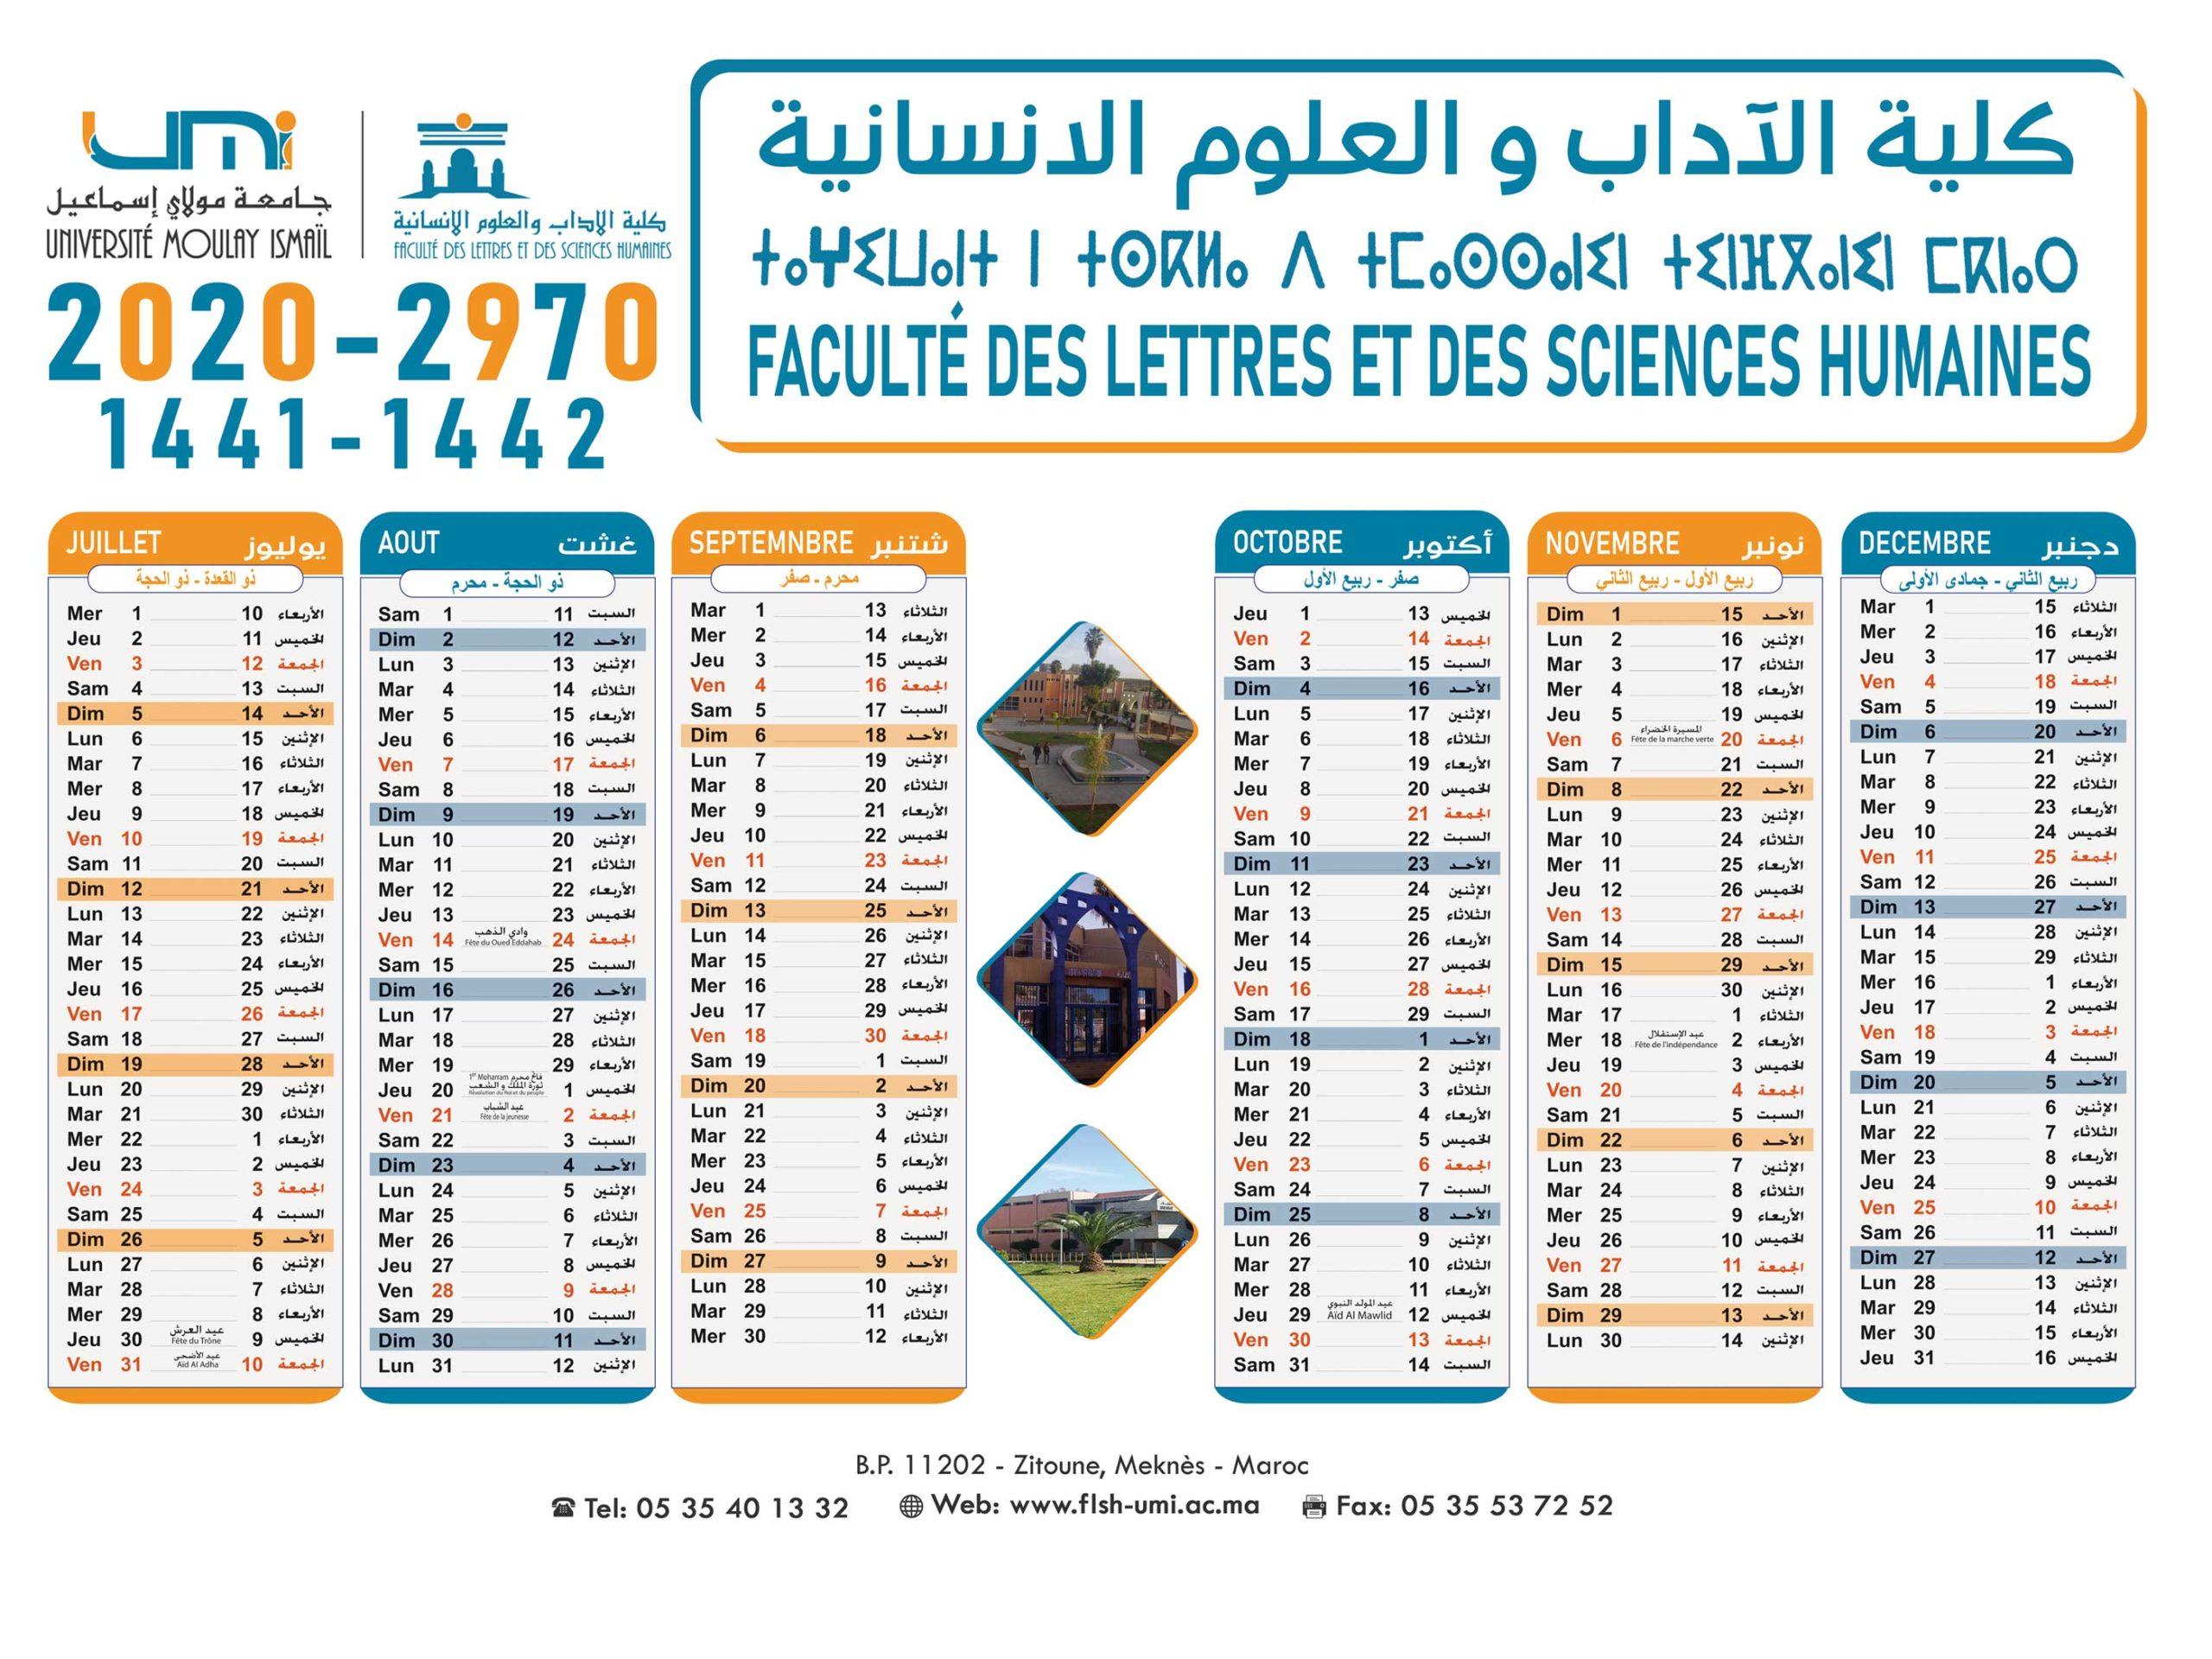 faculty-lettre-calendar-verso